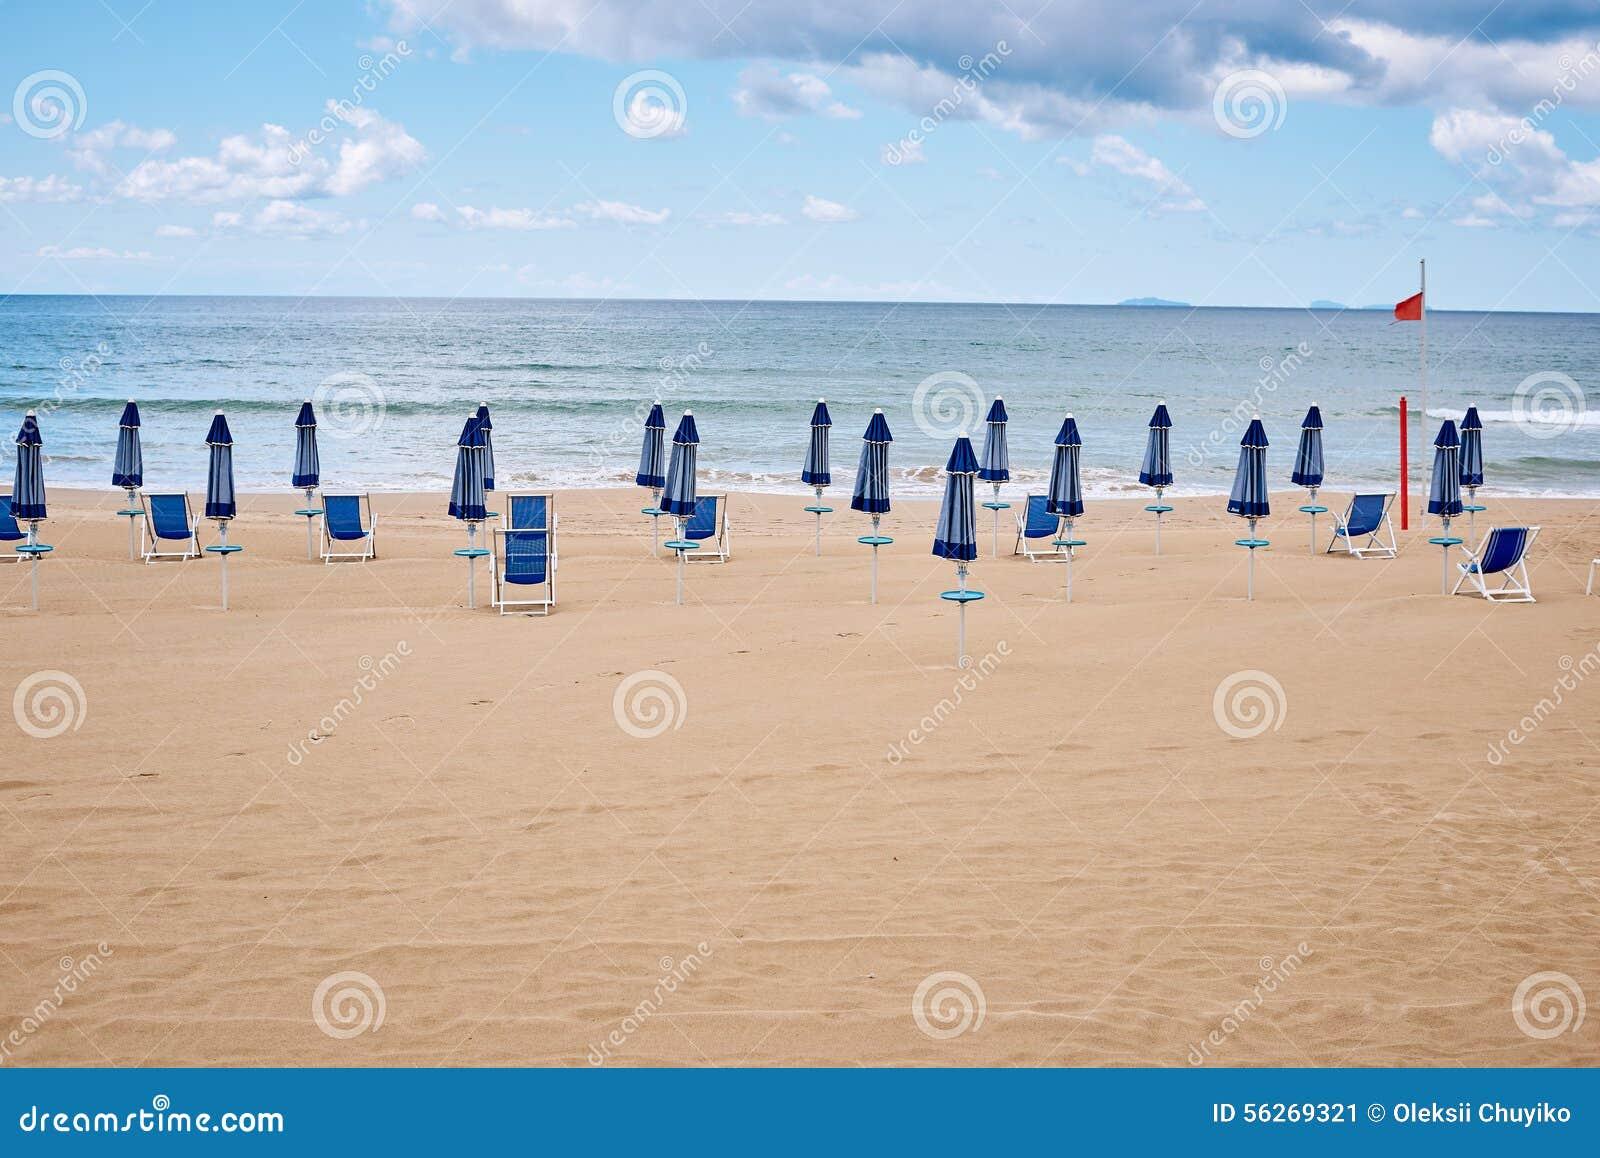 Een strand met paraplu s en zonbedden op kust